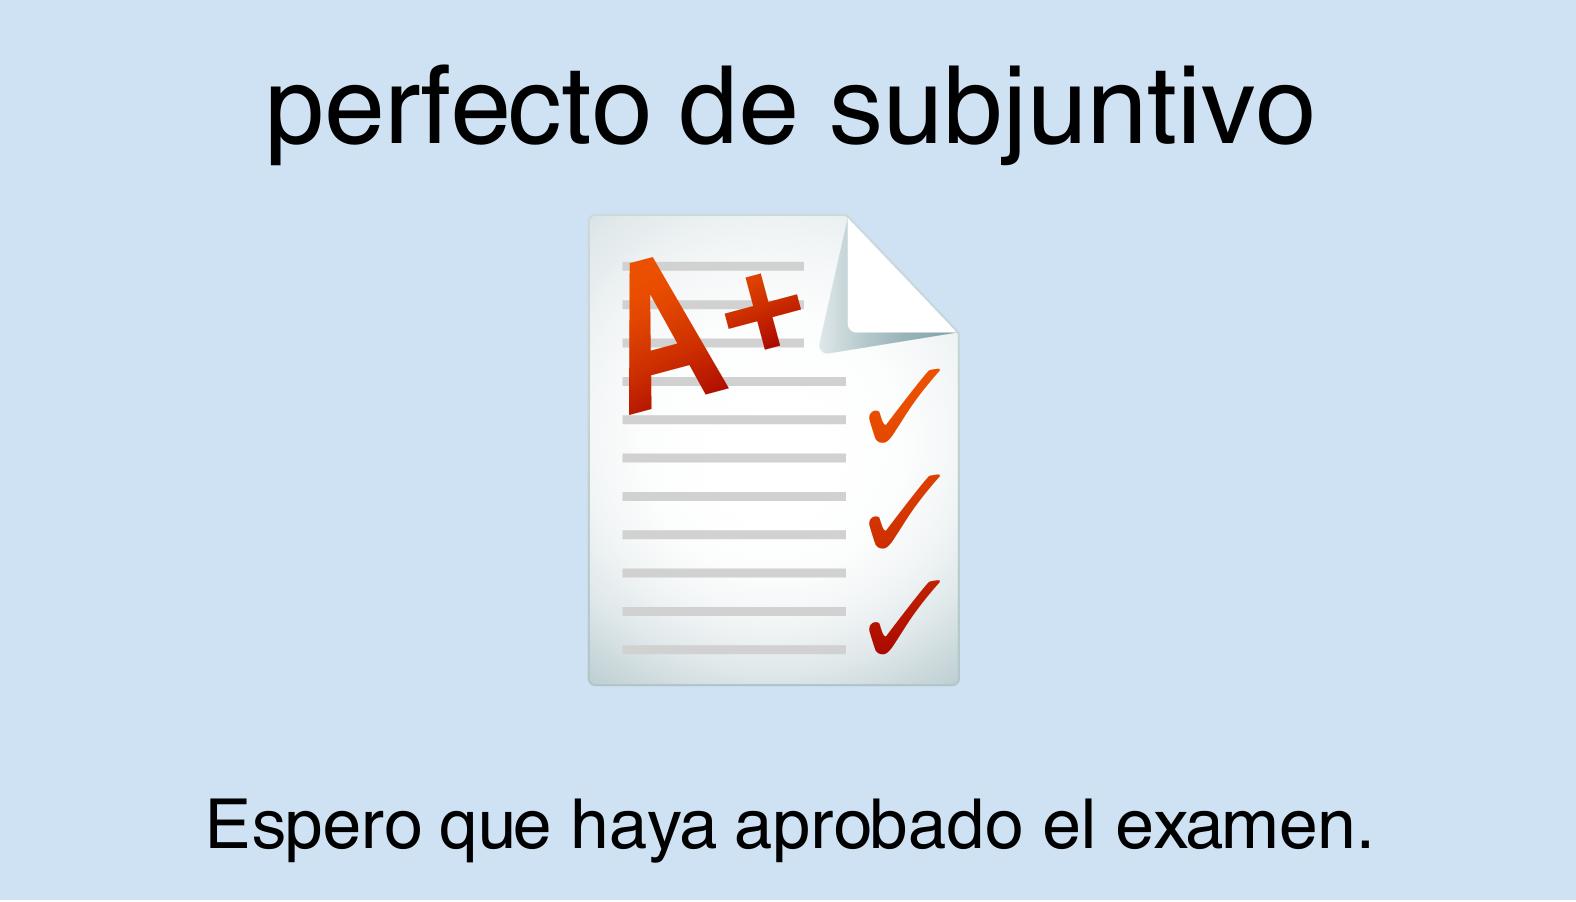 Subjuntivo im Perfekt im Spanischen